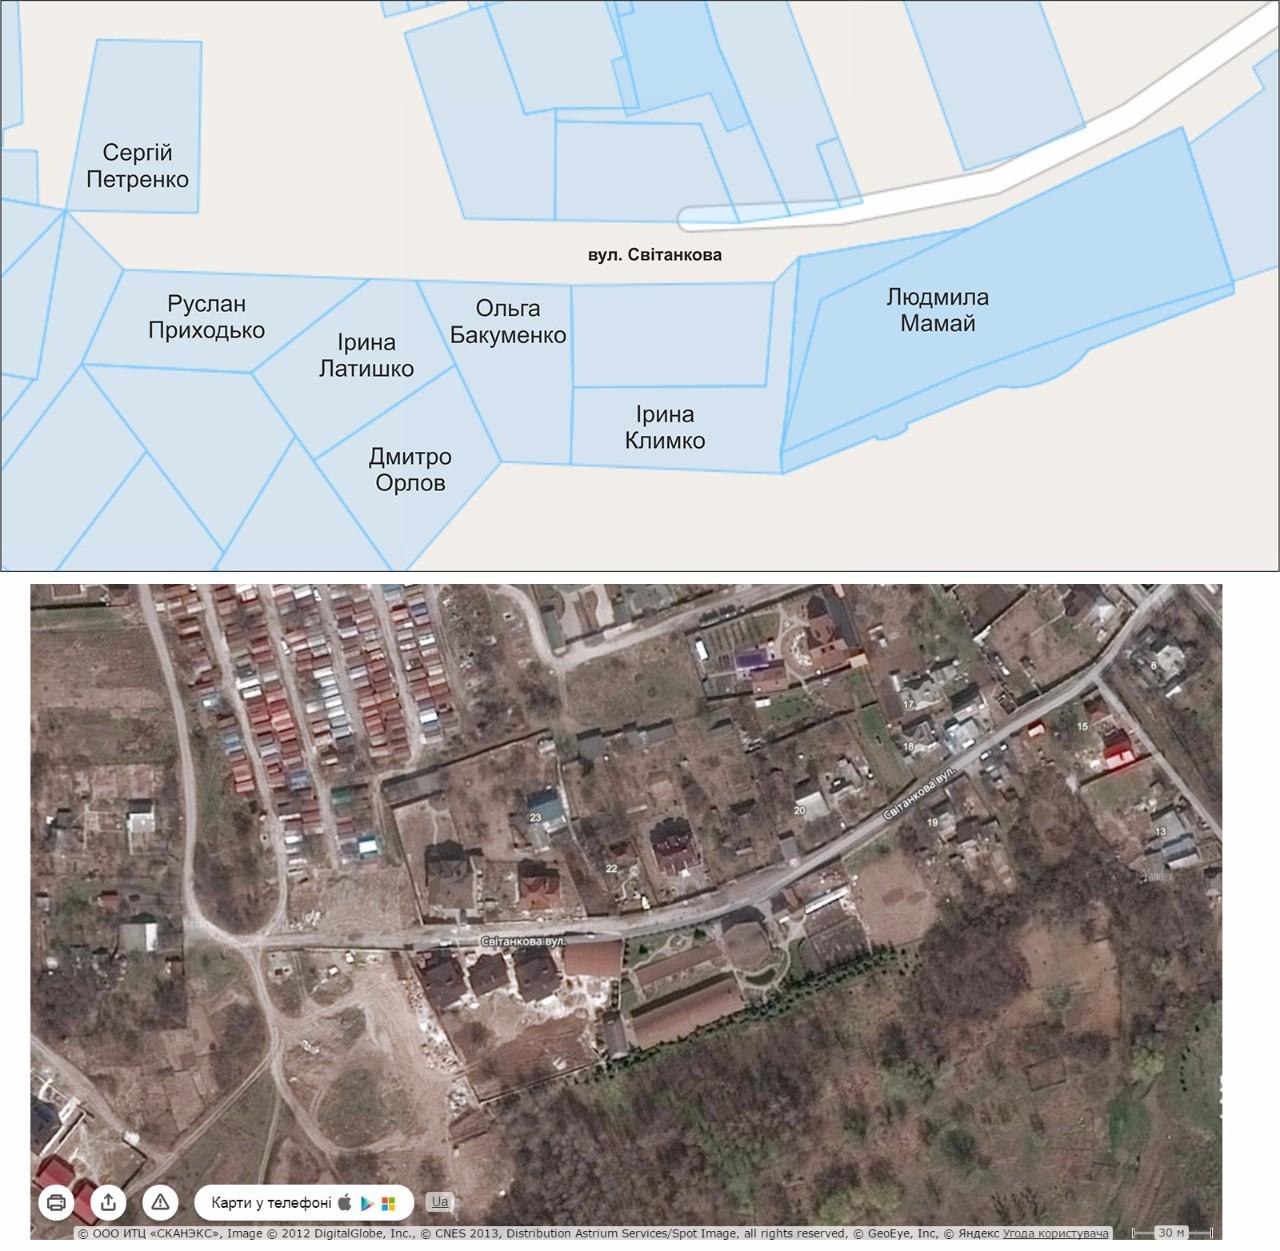 Схема розміщення ділянок на вул. Світанковій (за даними інтернет-видання «Полтавщина»)